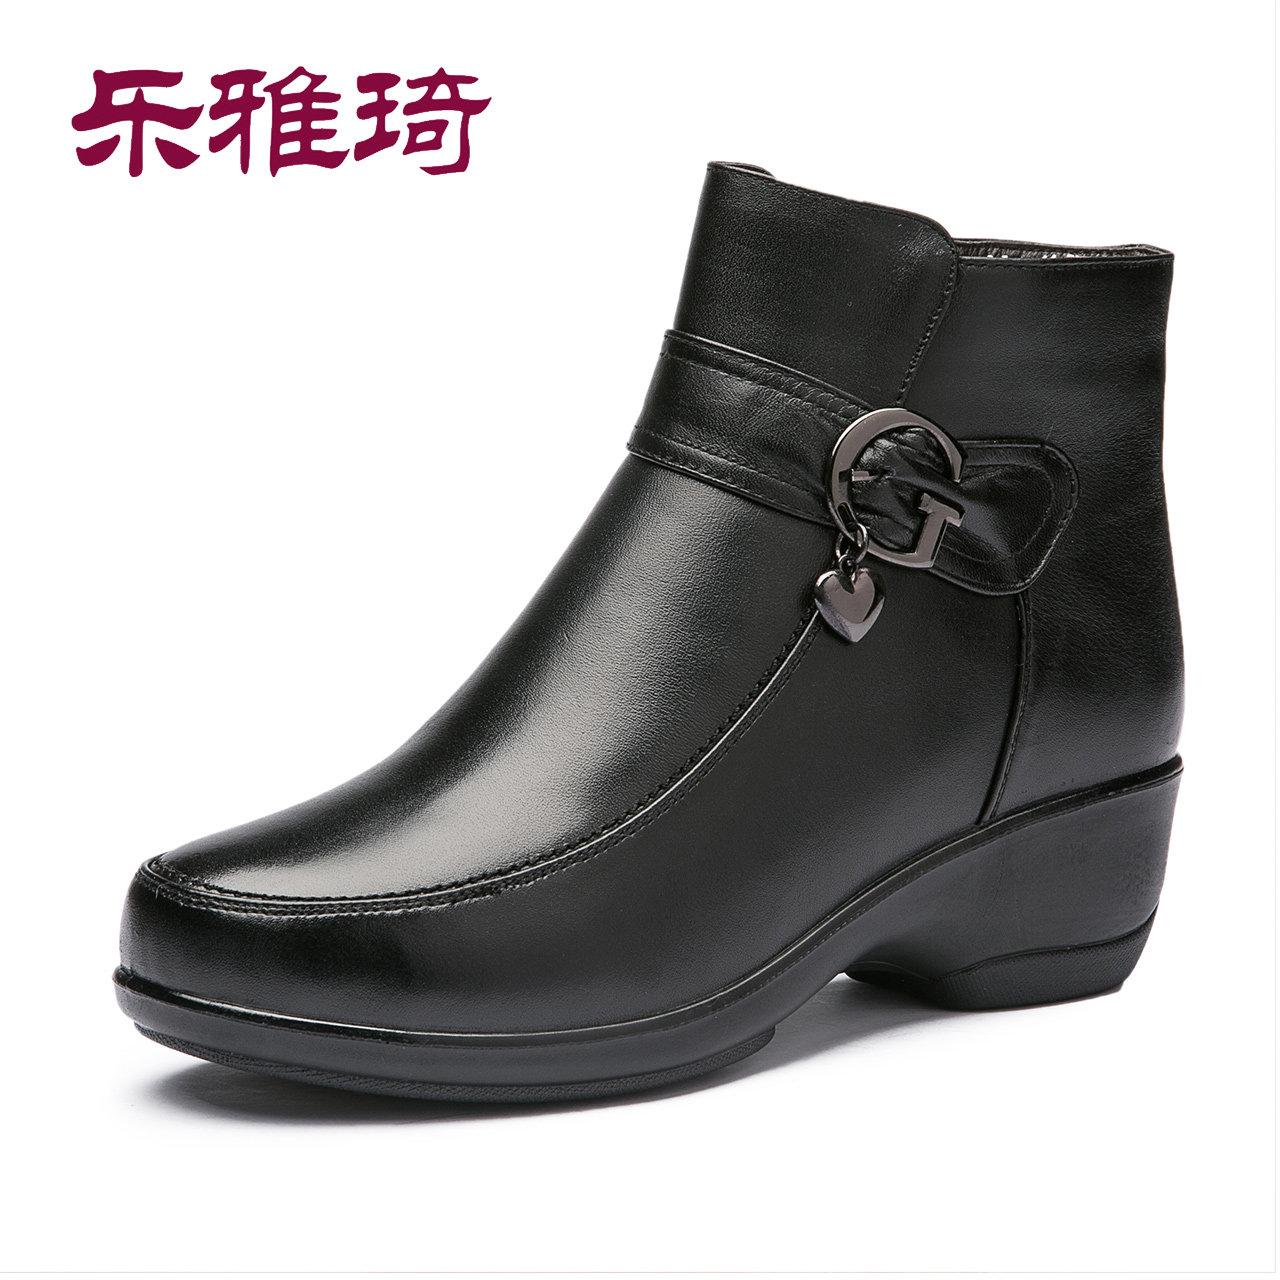 乐雅琦冬季真皮短靴女加厚保暖棉鞋中跟坡跟女靴中老年妈妈鞋靴子